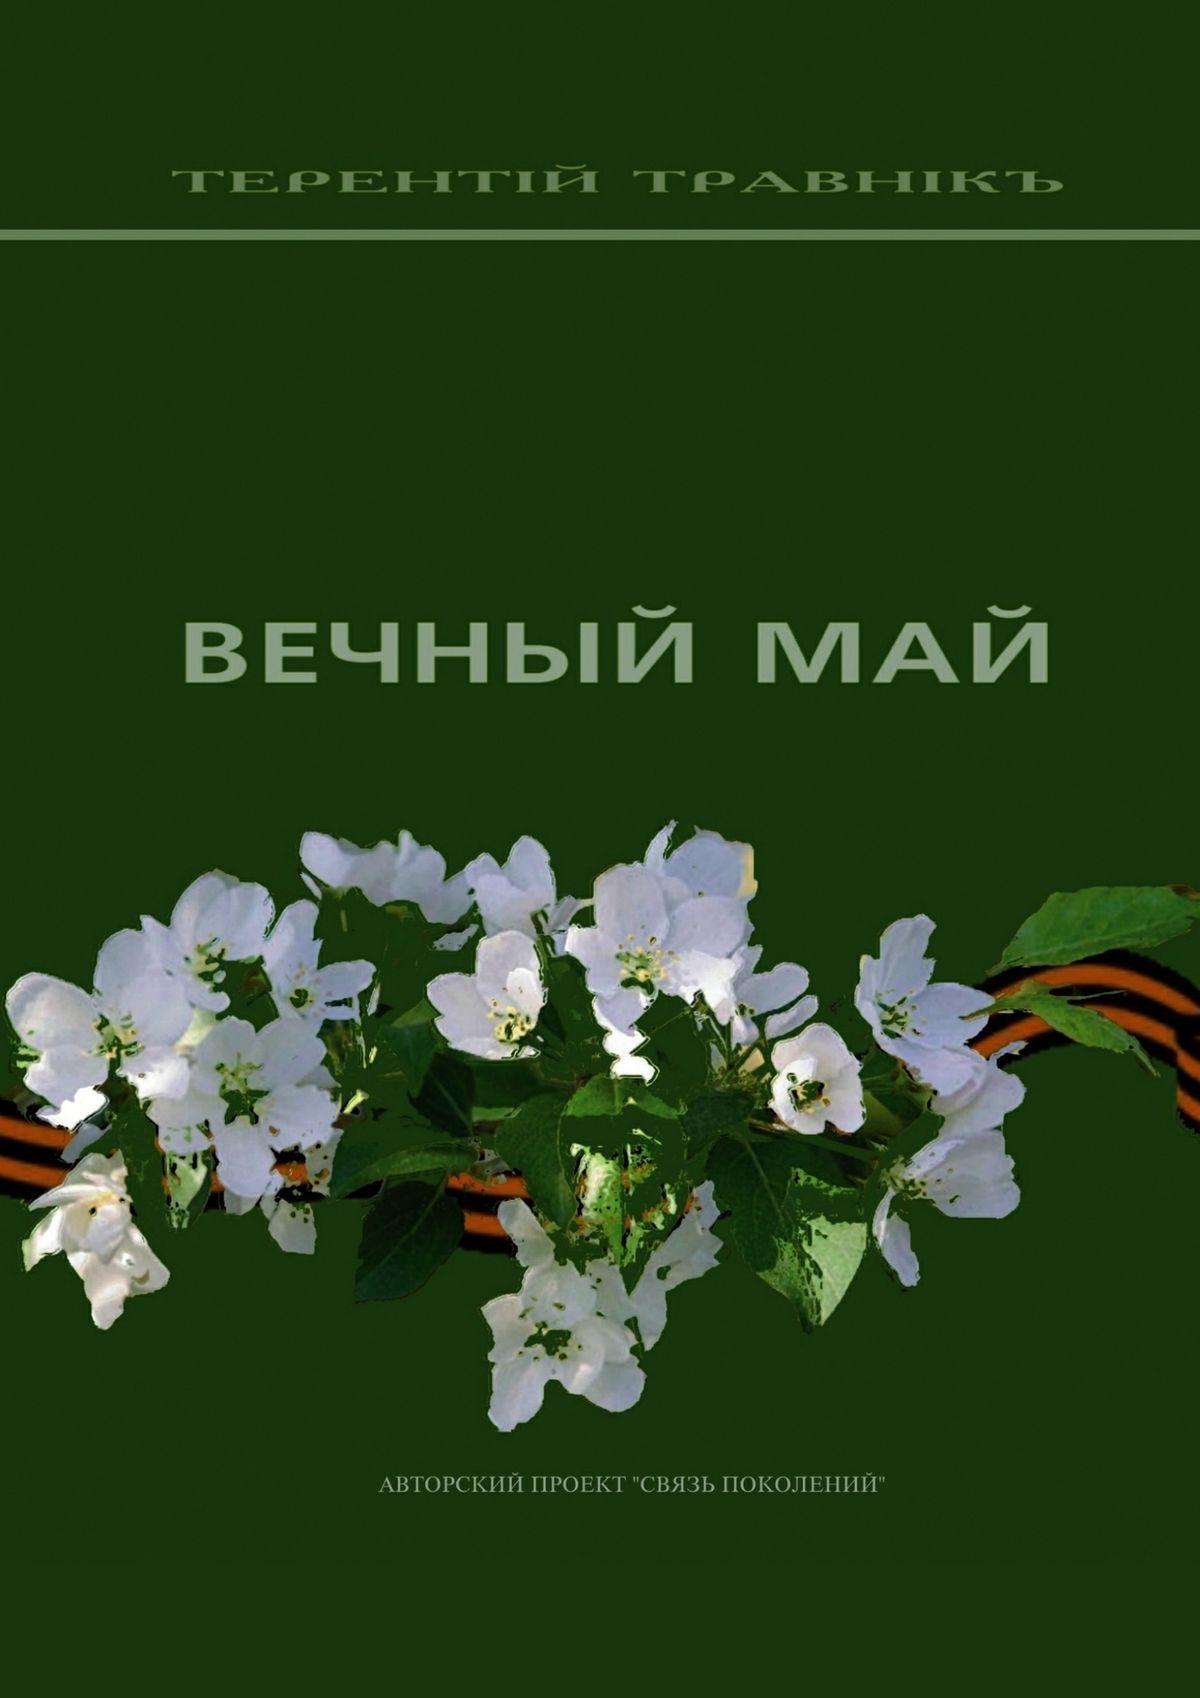 Терентiй Травнiкъ Вечный май